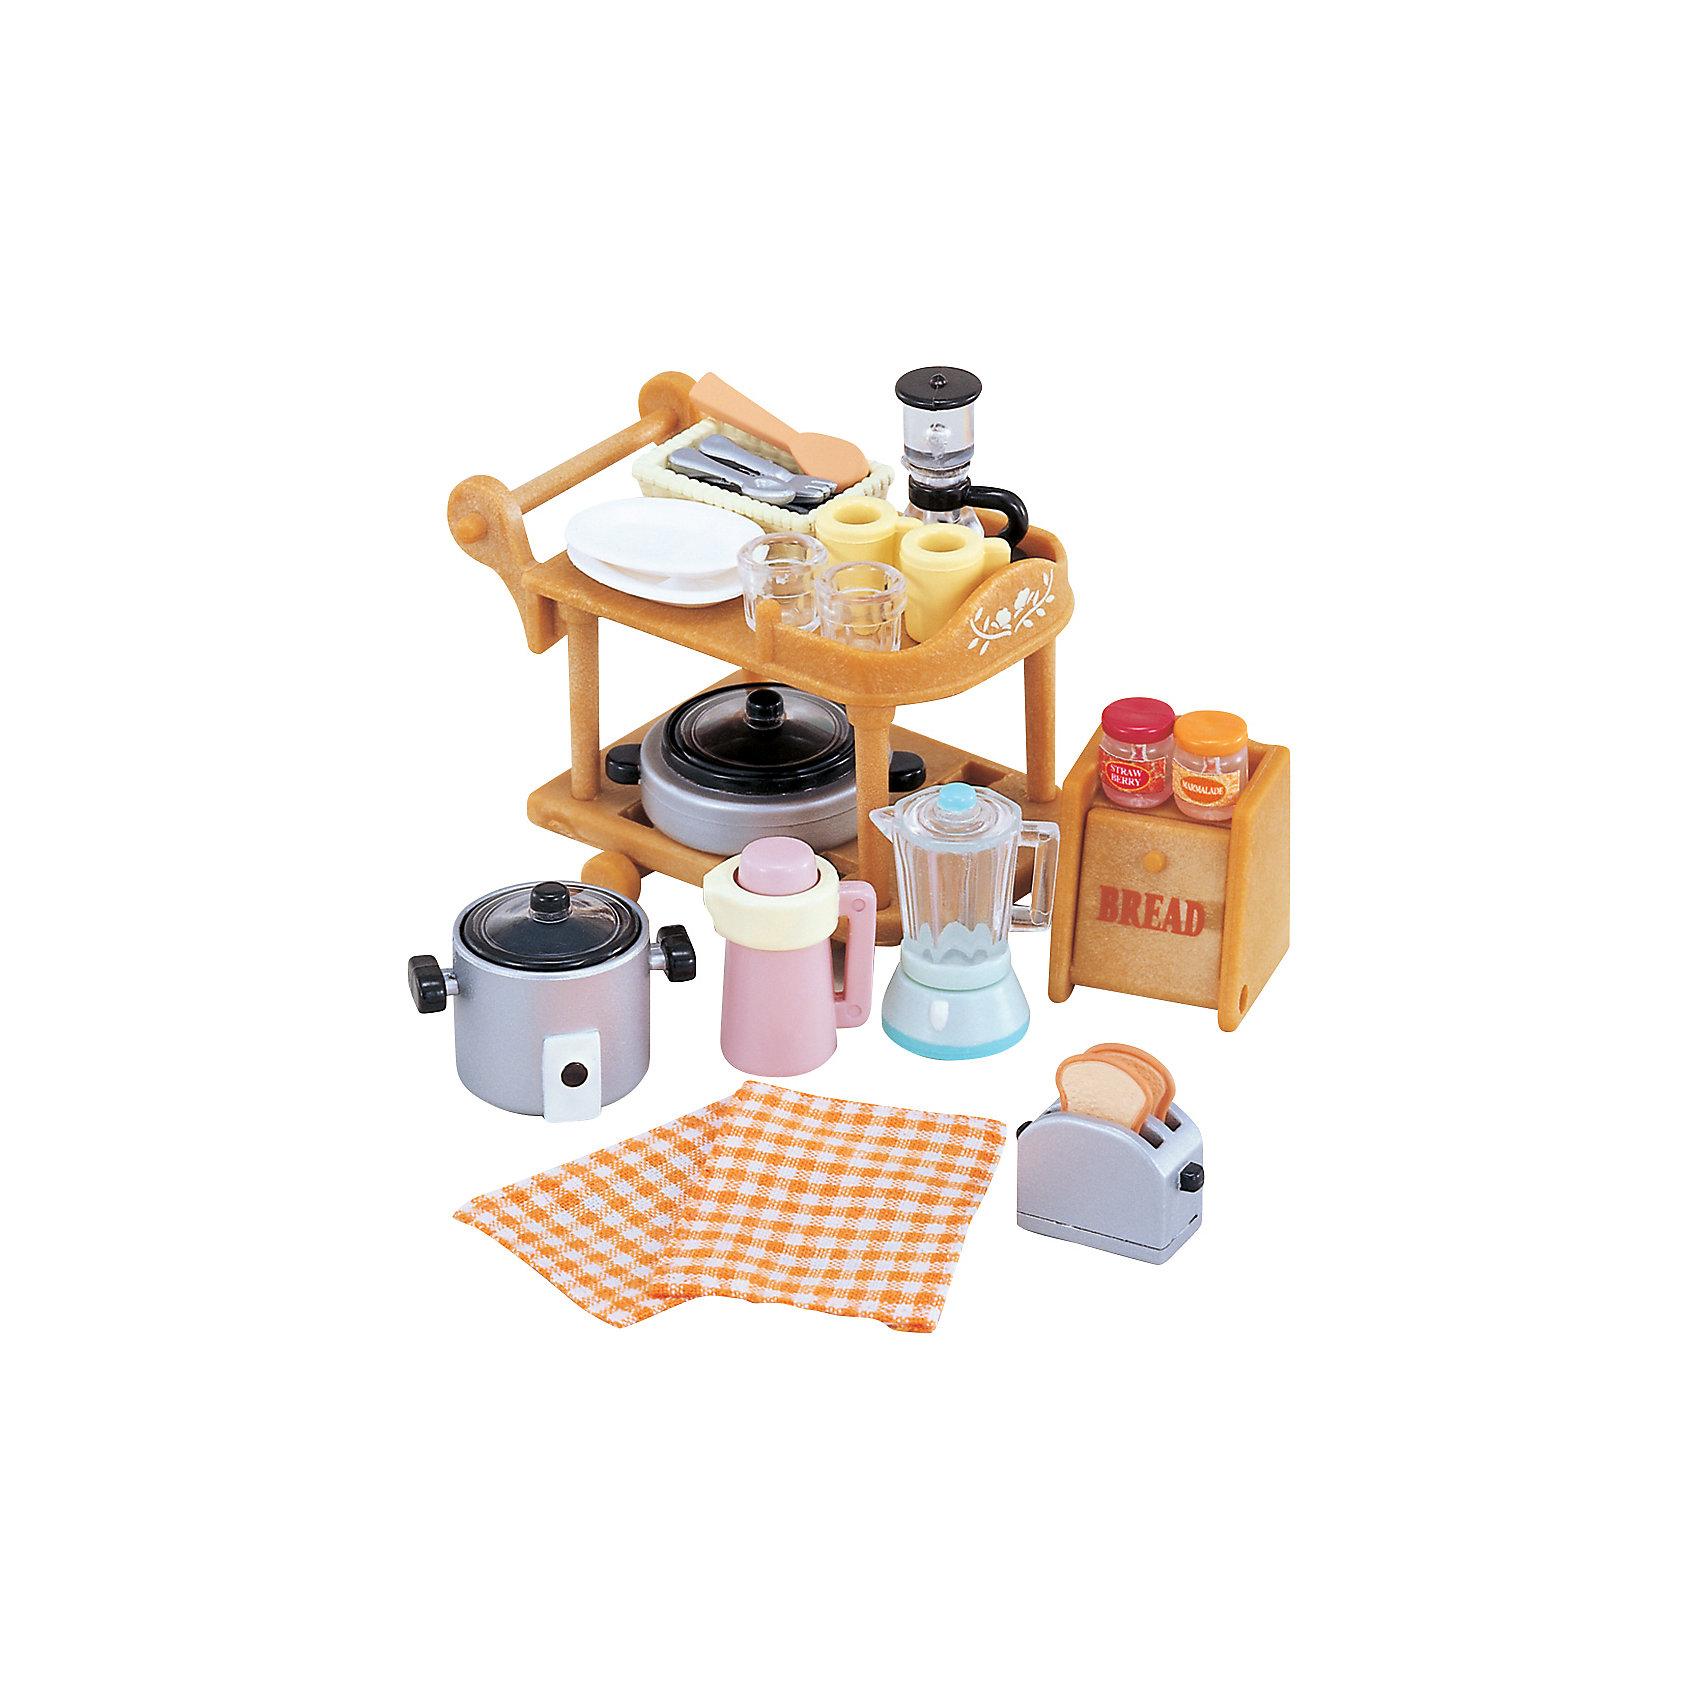 Набор Кухонная посуда, Sylvanian FamiliesSylvanian Families<br>Набор Sylvanian Families (Сильваниан Фэмелис) «Кухонная посуда» - желанный подарок для любой хозяйки из страны Сильвания. В этом наборе есть все необходимое для кухни: различная посуда, столовые приборы, кухонная техника и даже сервировочный столик. Теперь на кухне все будет храниться в полном порядке и на своих местах. Набор «Кухонная посуда» подойдет для любого дома Sylvanian Families (Сильваниан Фэмелис), ведь он не занимает много места. В каждом домике Sylvanian Families (Сильваниан Фэмелис) обязательно есть хорошо оборудованная кухня. При этом, ни на одной из них не будет лишним набор посуды с сервировочным столиком. Лесные семейки могут расположиться на обед в гостиной или поужинать на  веранде своего домика, они привезут всё необходимое на сервировочном столике. Набор украсит кухню и сделает игры с наборами Sylvanian Families (Сильваниан Фэмелис) интереснее и разнообразнее.<br><br>Дополнительная информация:<br><br>- В наборе: сервировочный столик, кастрюля, cковорода, хлебница, тостер, термос,<br>соковыжималка и кофеварка, 2 бокала, 2 чашки, столовые приборы;<br>- Материал: пластик;<br>- Все детали гипоаллергенны и нетоксичны;<br>- Набор упакован в подарочную коробку;<br>- Фигурки продаются отдельно;<br>- Размер упаковки: 13,5 х 7,8 х 5,4 см;<br>- Вес: 72 г<br><br>Набор Кухонная посуда, Sylvanian Families (Сильваниан Фэмелис) можно купить в нашем интернет-магазине.<br><br>Ширина мм: 136<br>Глубина мм: 81<br>Высота мм: 53<br>Вес г: 80<br>Возраст от месяцев: 36<br>Возраст до месяцев: 72<br>Пол: Женский<br>Возраст: Детский<br>SKU: 3549178